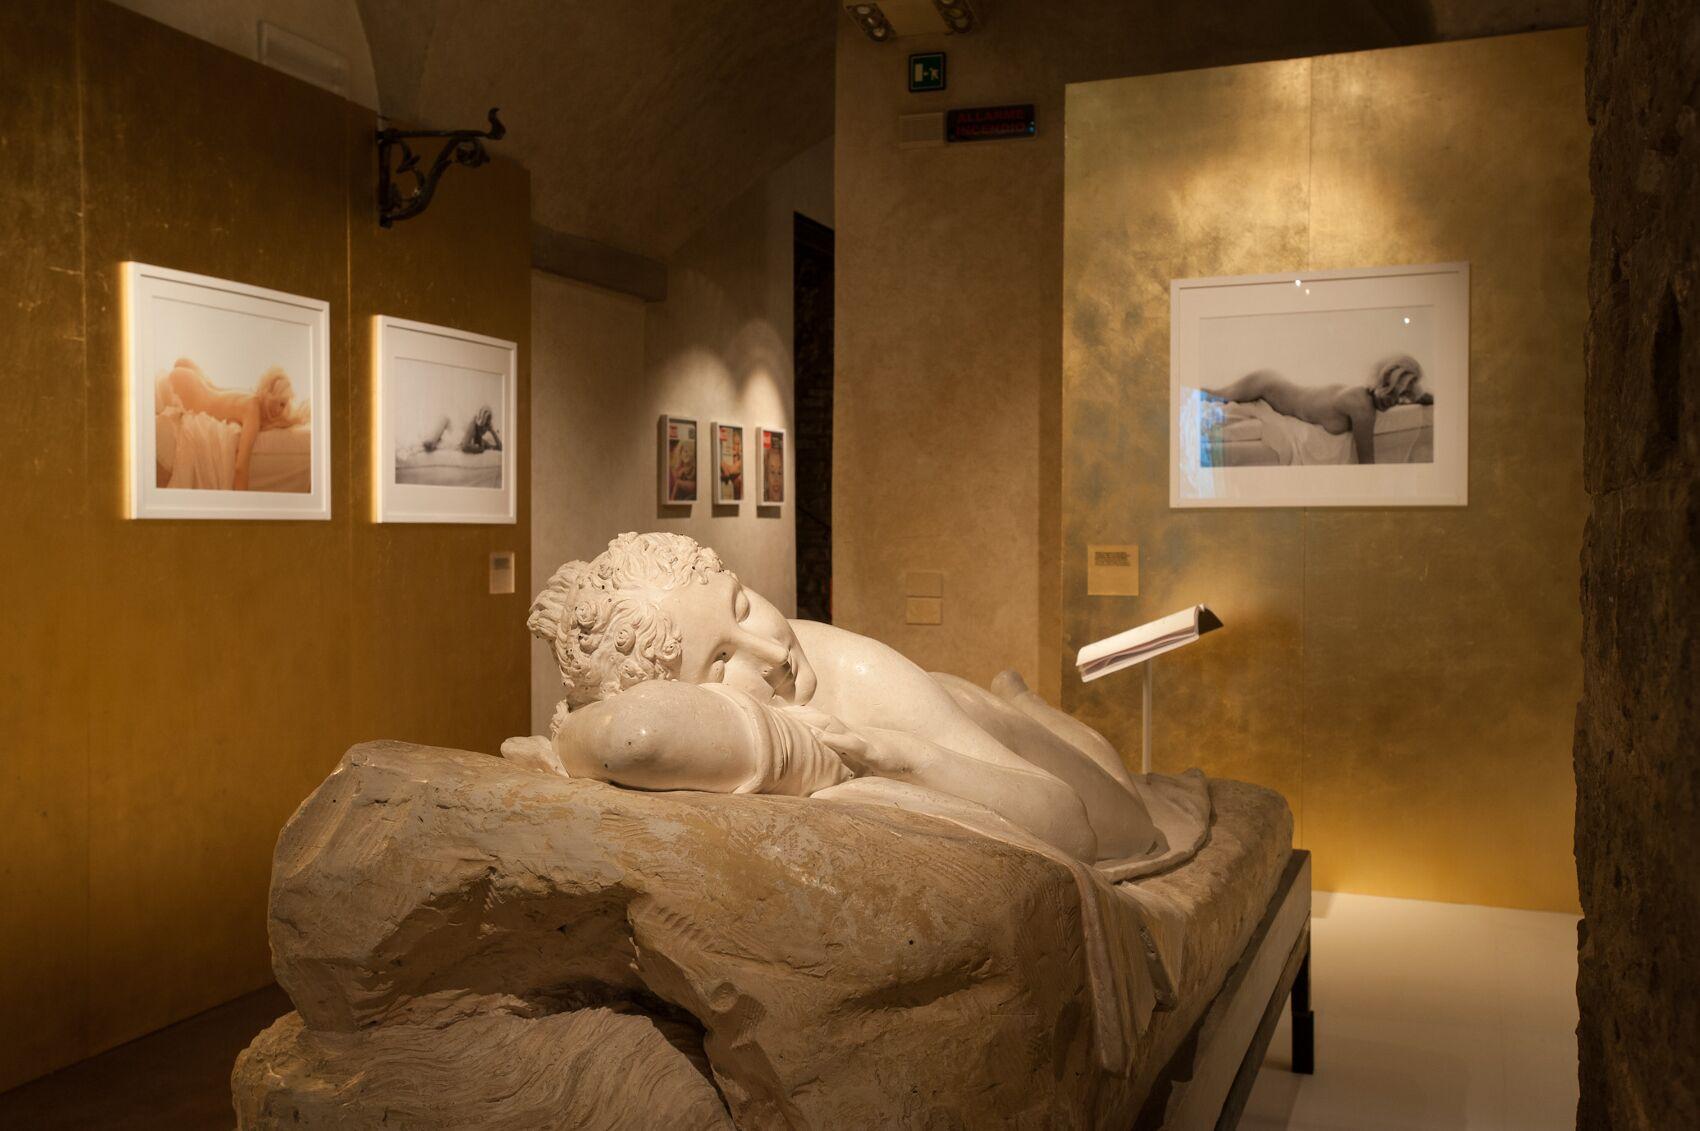 Salvatore Ferragamo Exhibition dedicated to Marilyn Monroe Statue